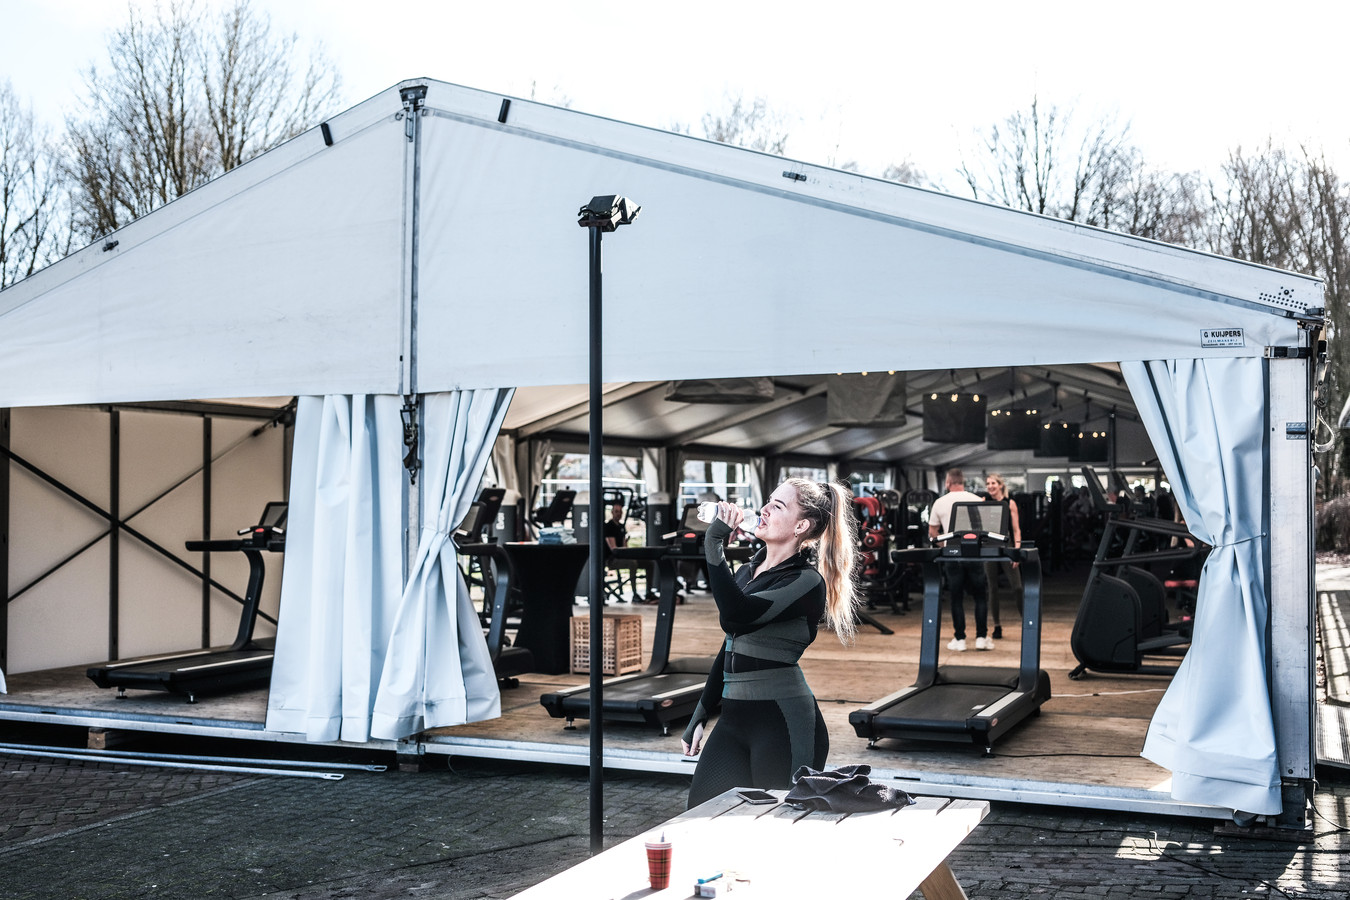 JV 24022021 Doetinchem Nl / Bij Pro Sport wordt gesport in een feest buitentent, Joost de eigenaar rechts vooraan / Foto : Jan Ruland van den Brink